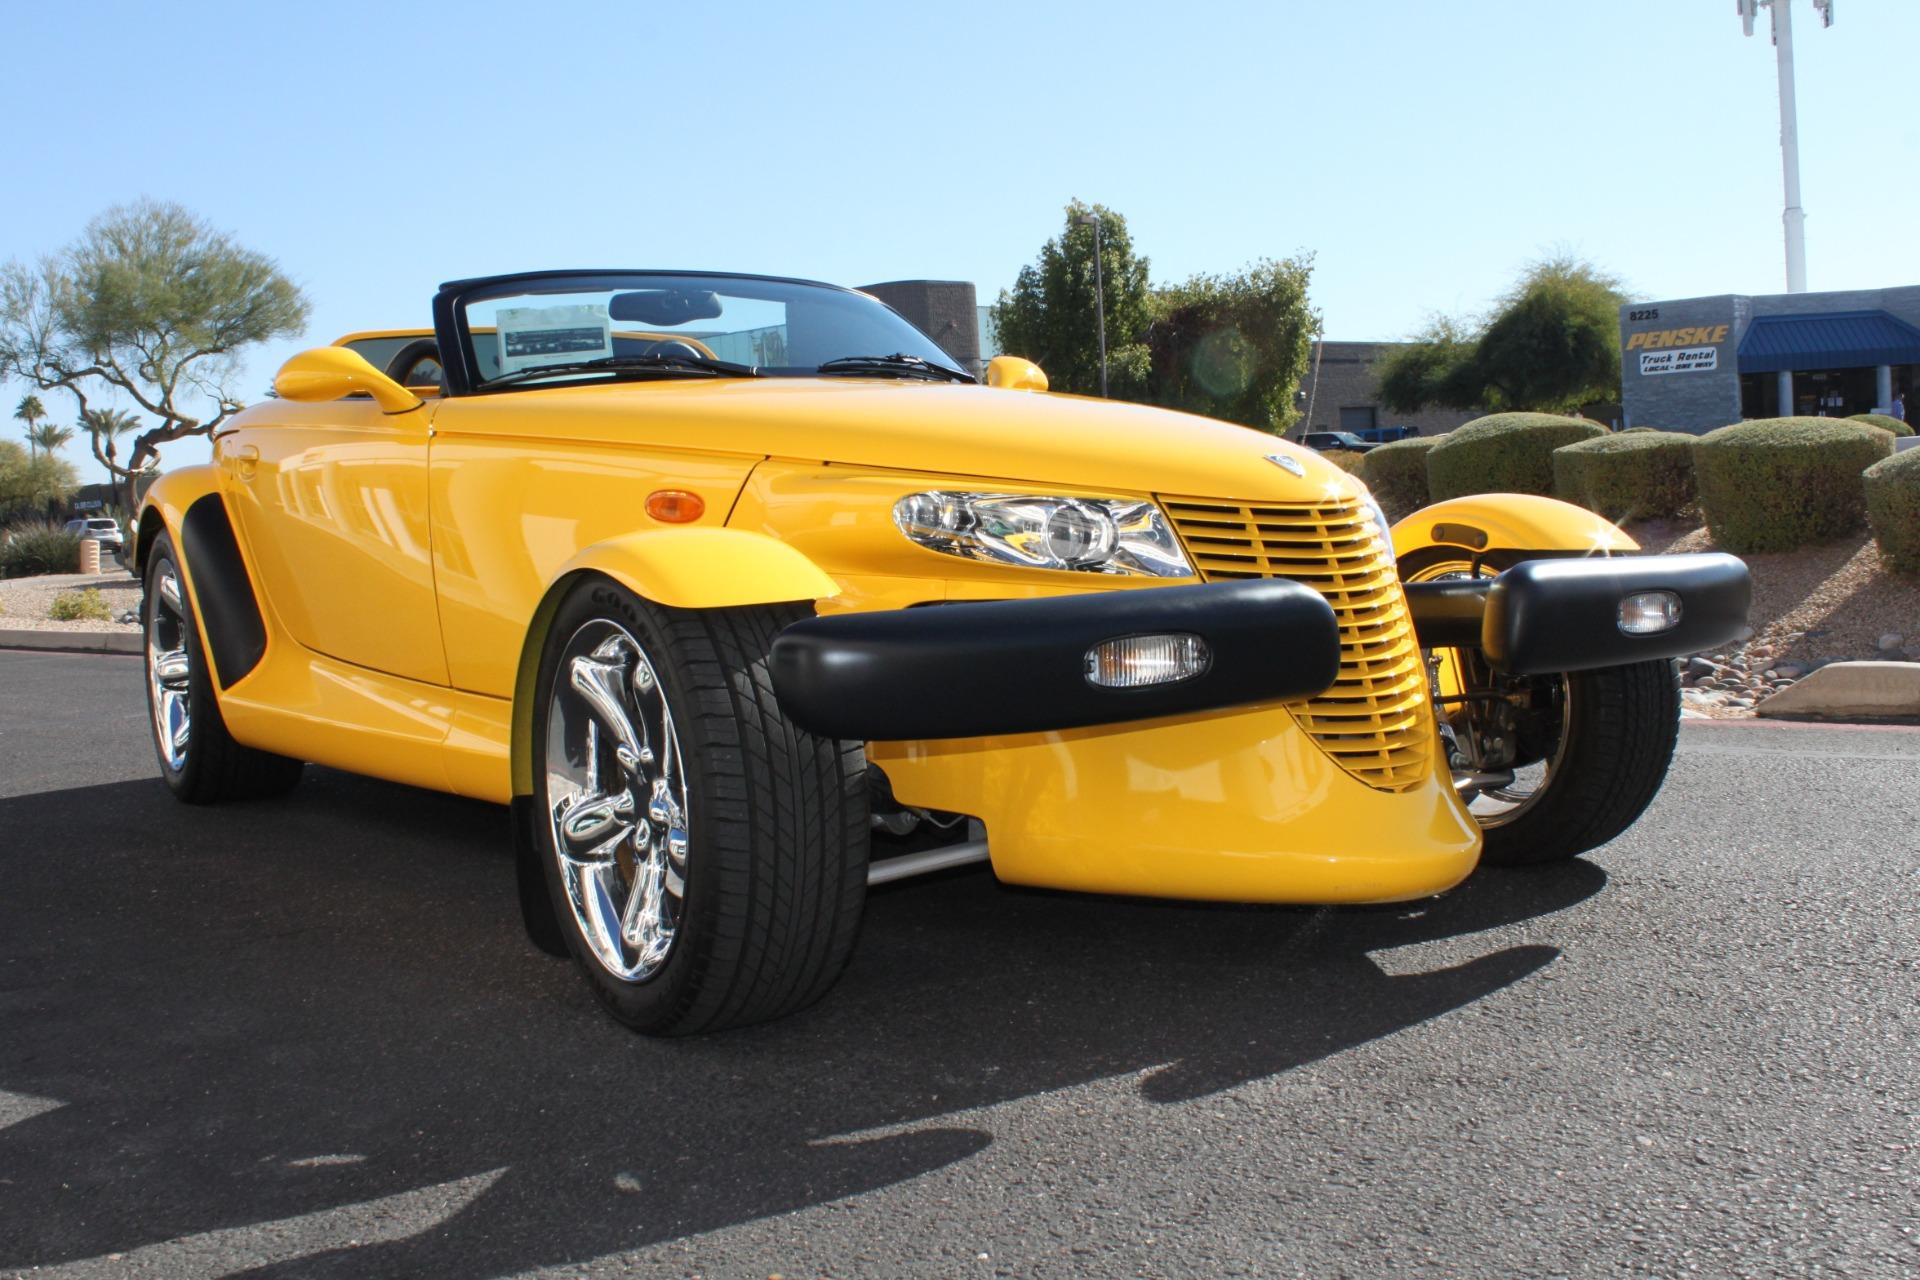 Used-2002-Chrysler-Prowler-Wrangler